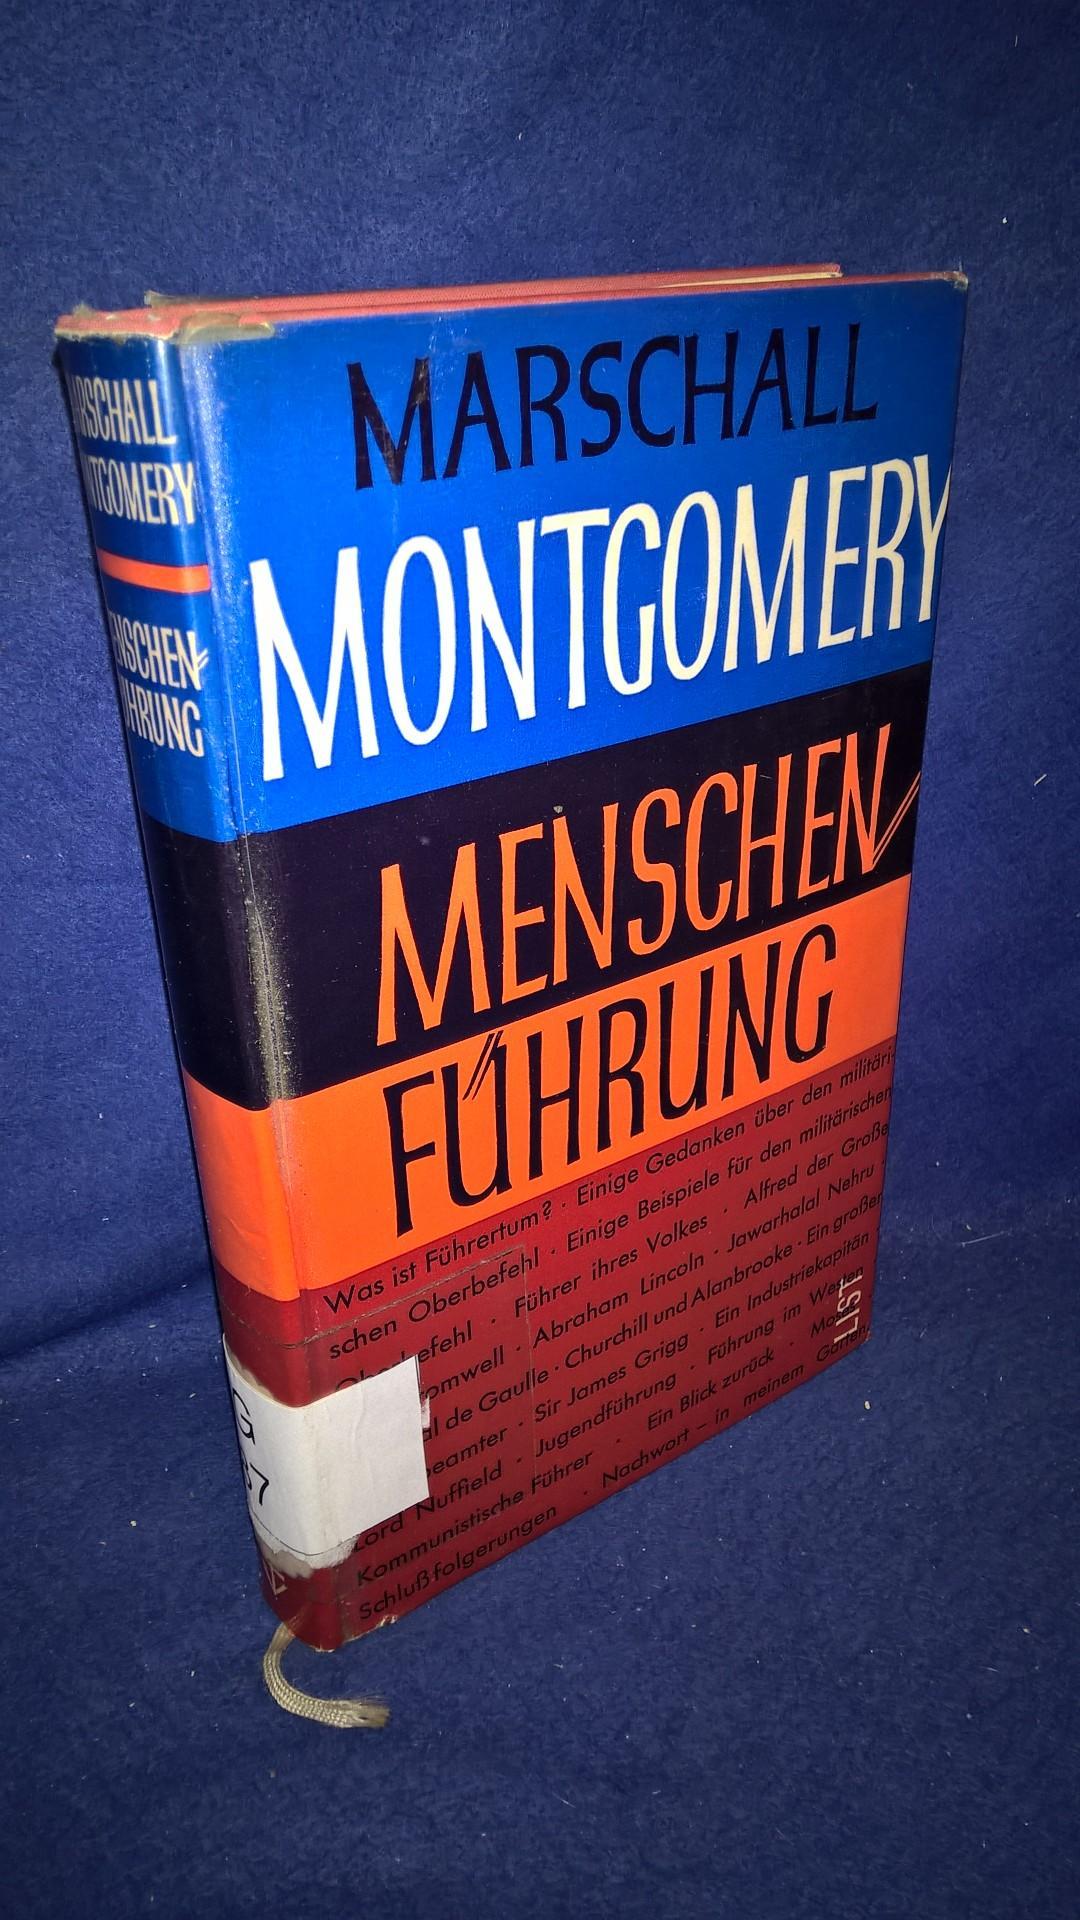 Menschenführung. Marschall Montgomery.